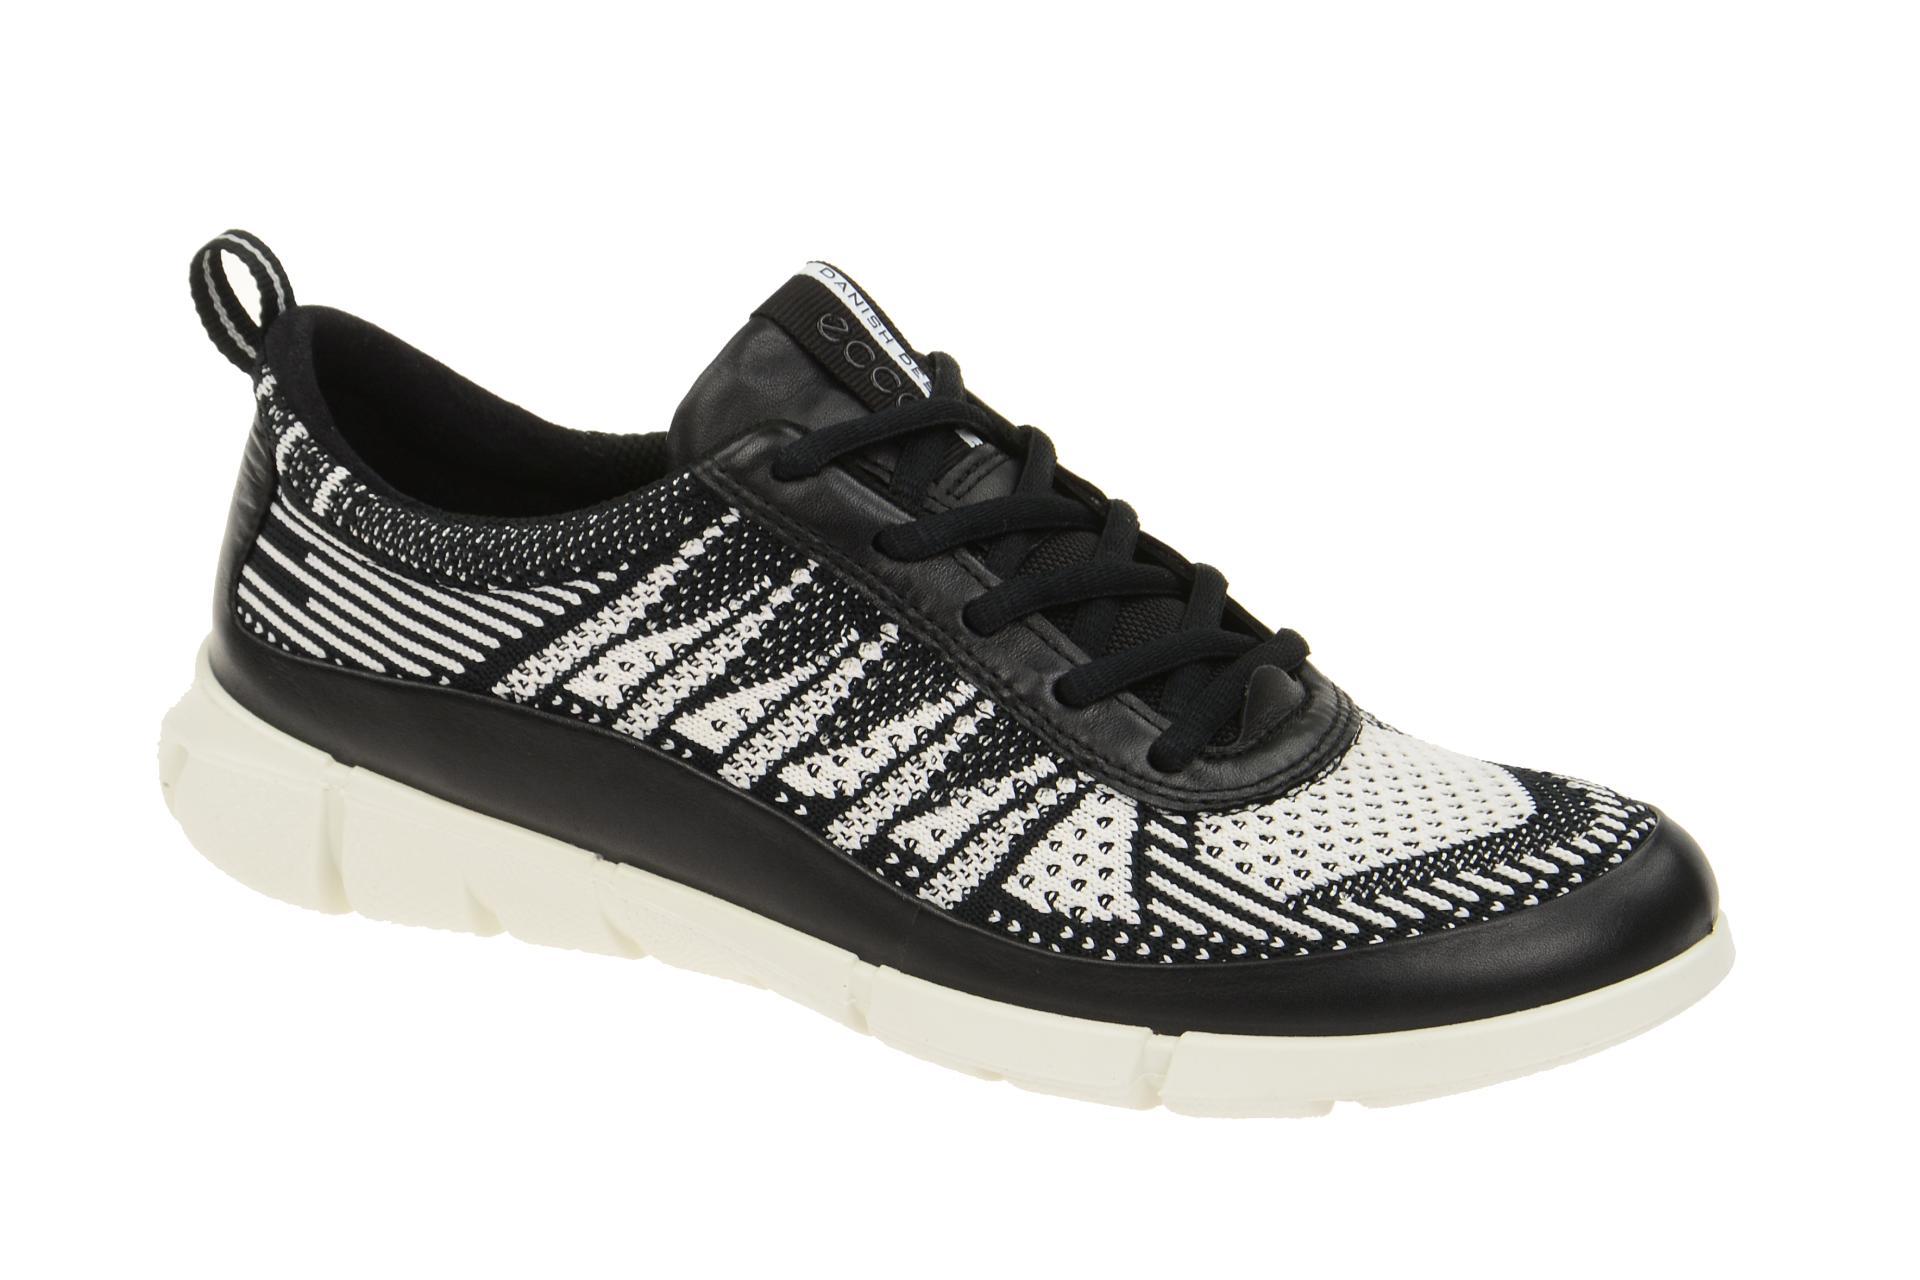 b2d7fede0f5408 Ecco Intrinsic 1 Schuhe schwarz weiß - Schuhhaus Strauch Shop